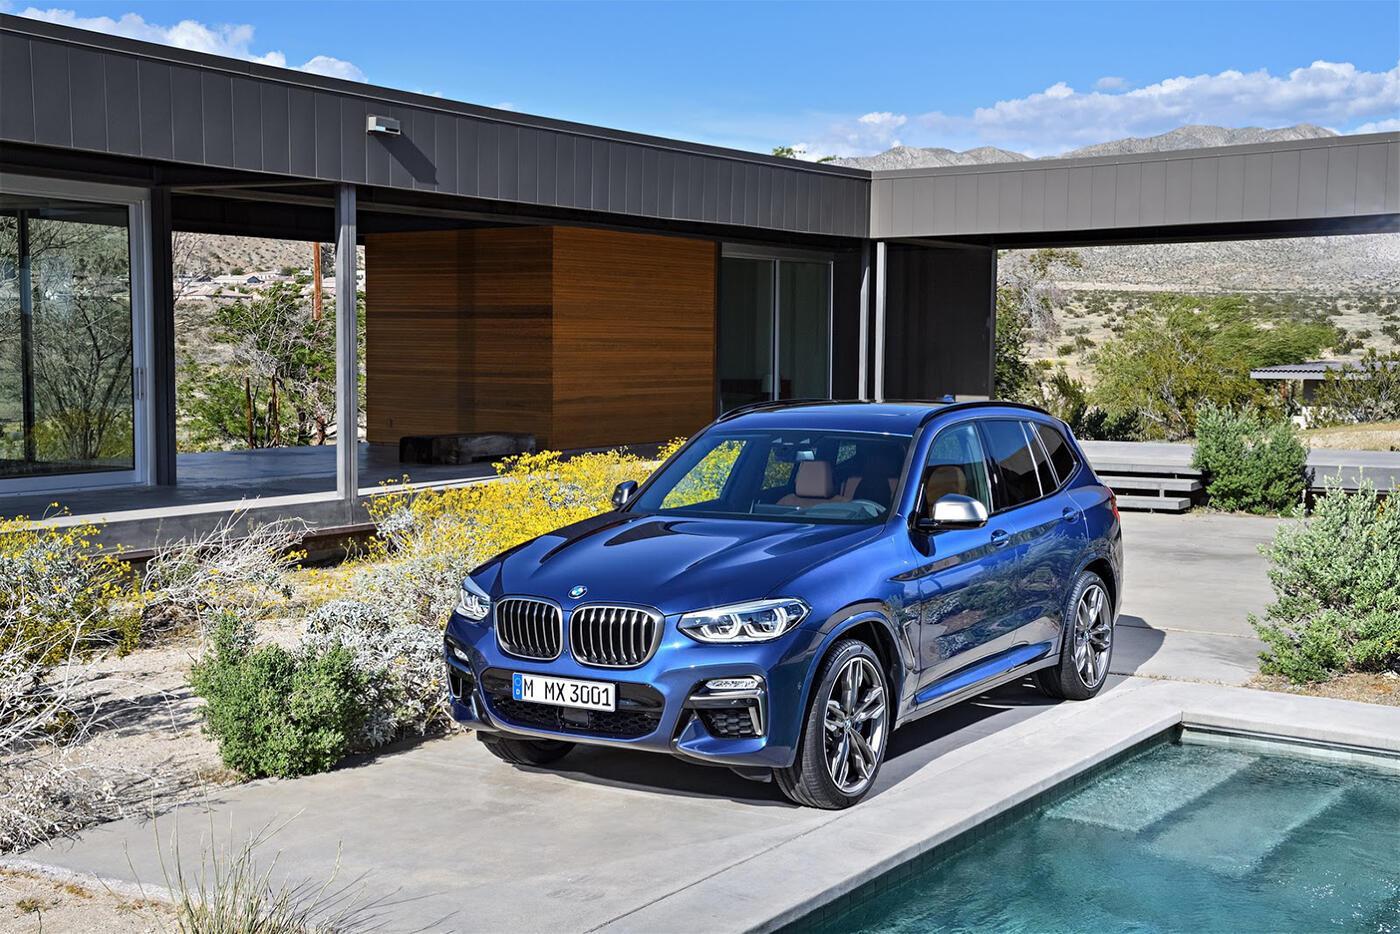 BMW X3 2018 chính thức trình làng, thêm nhiều trang bị mới - Hình 2